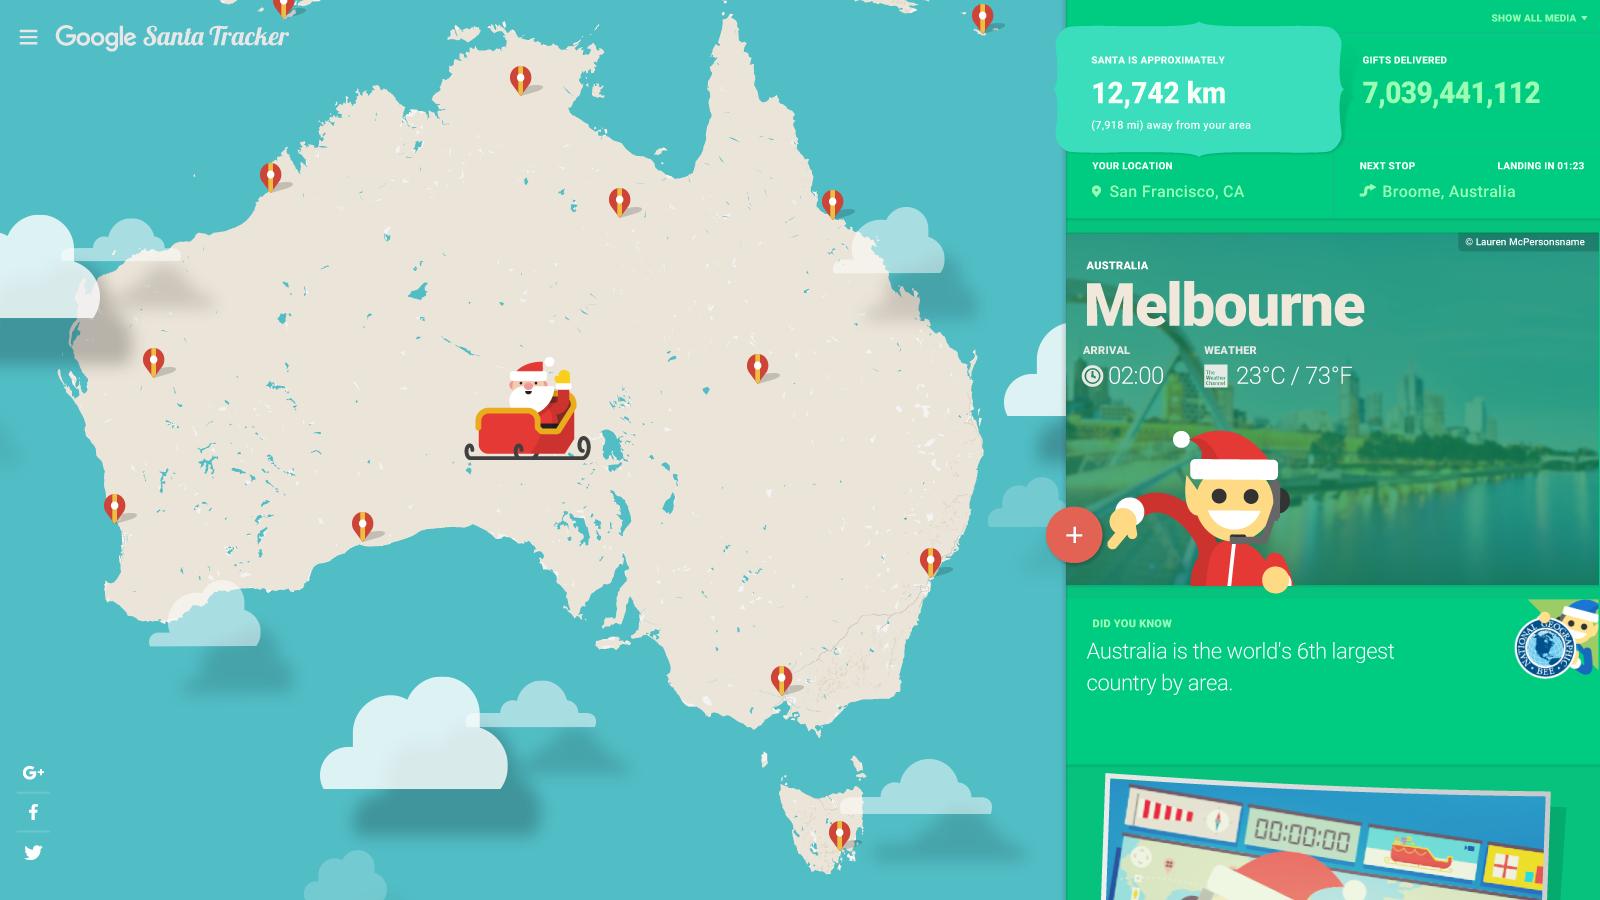 ð google santa tracker